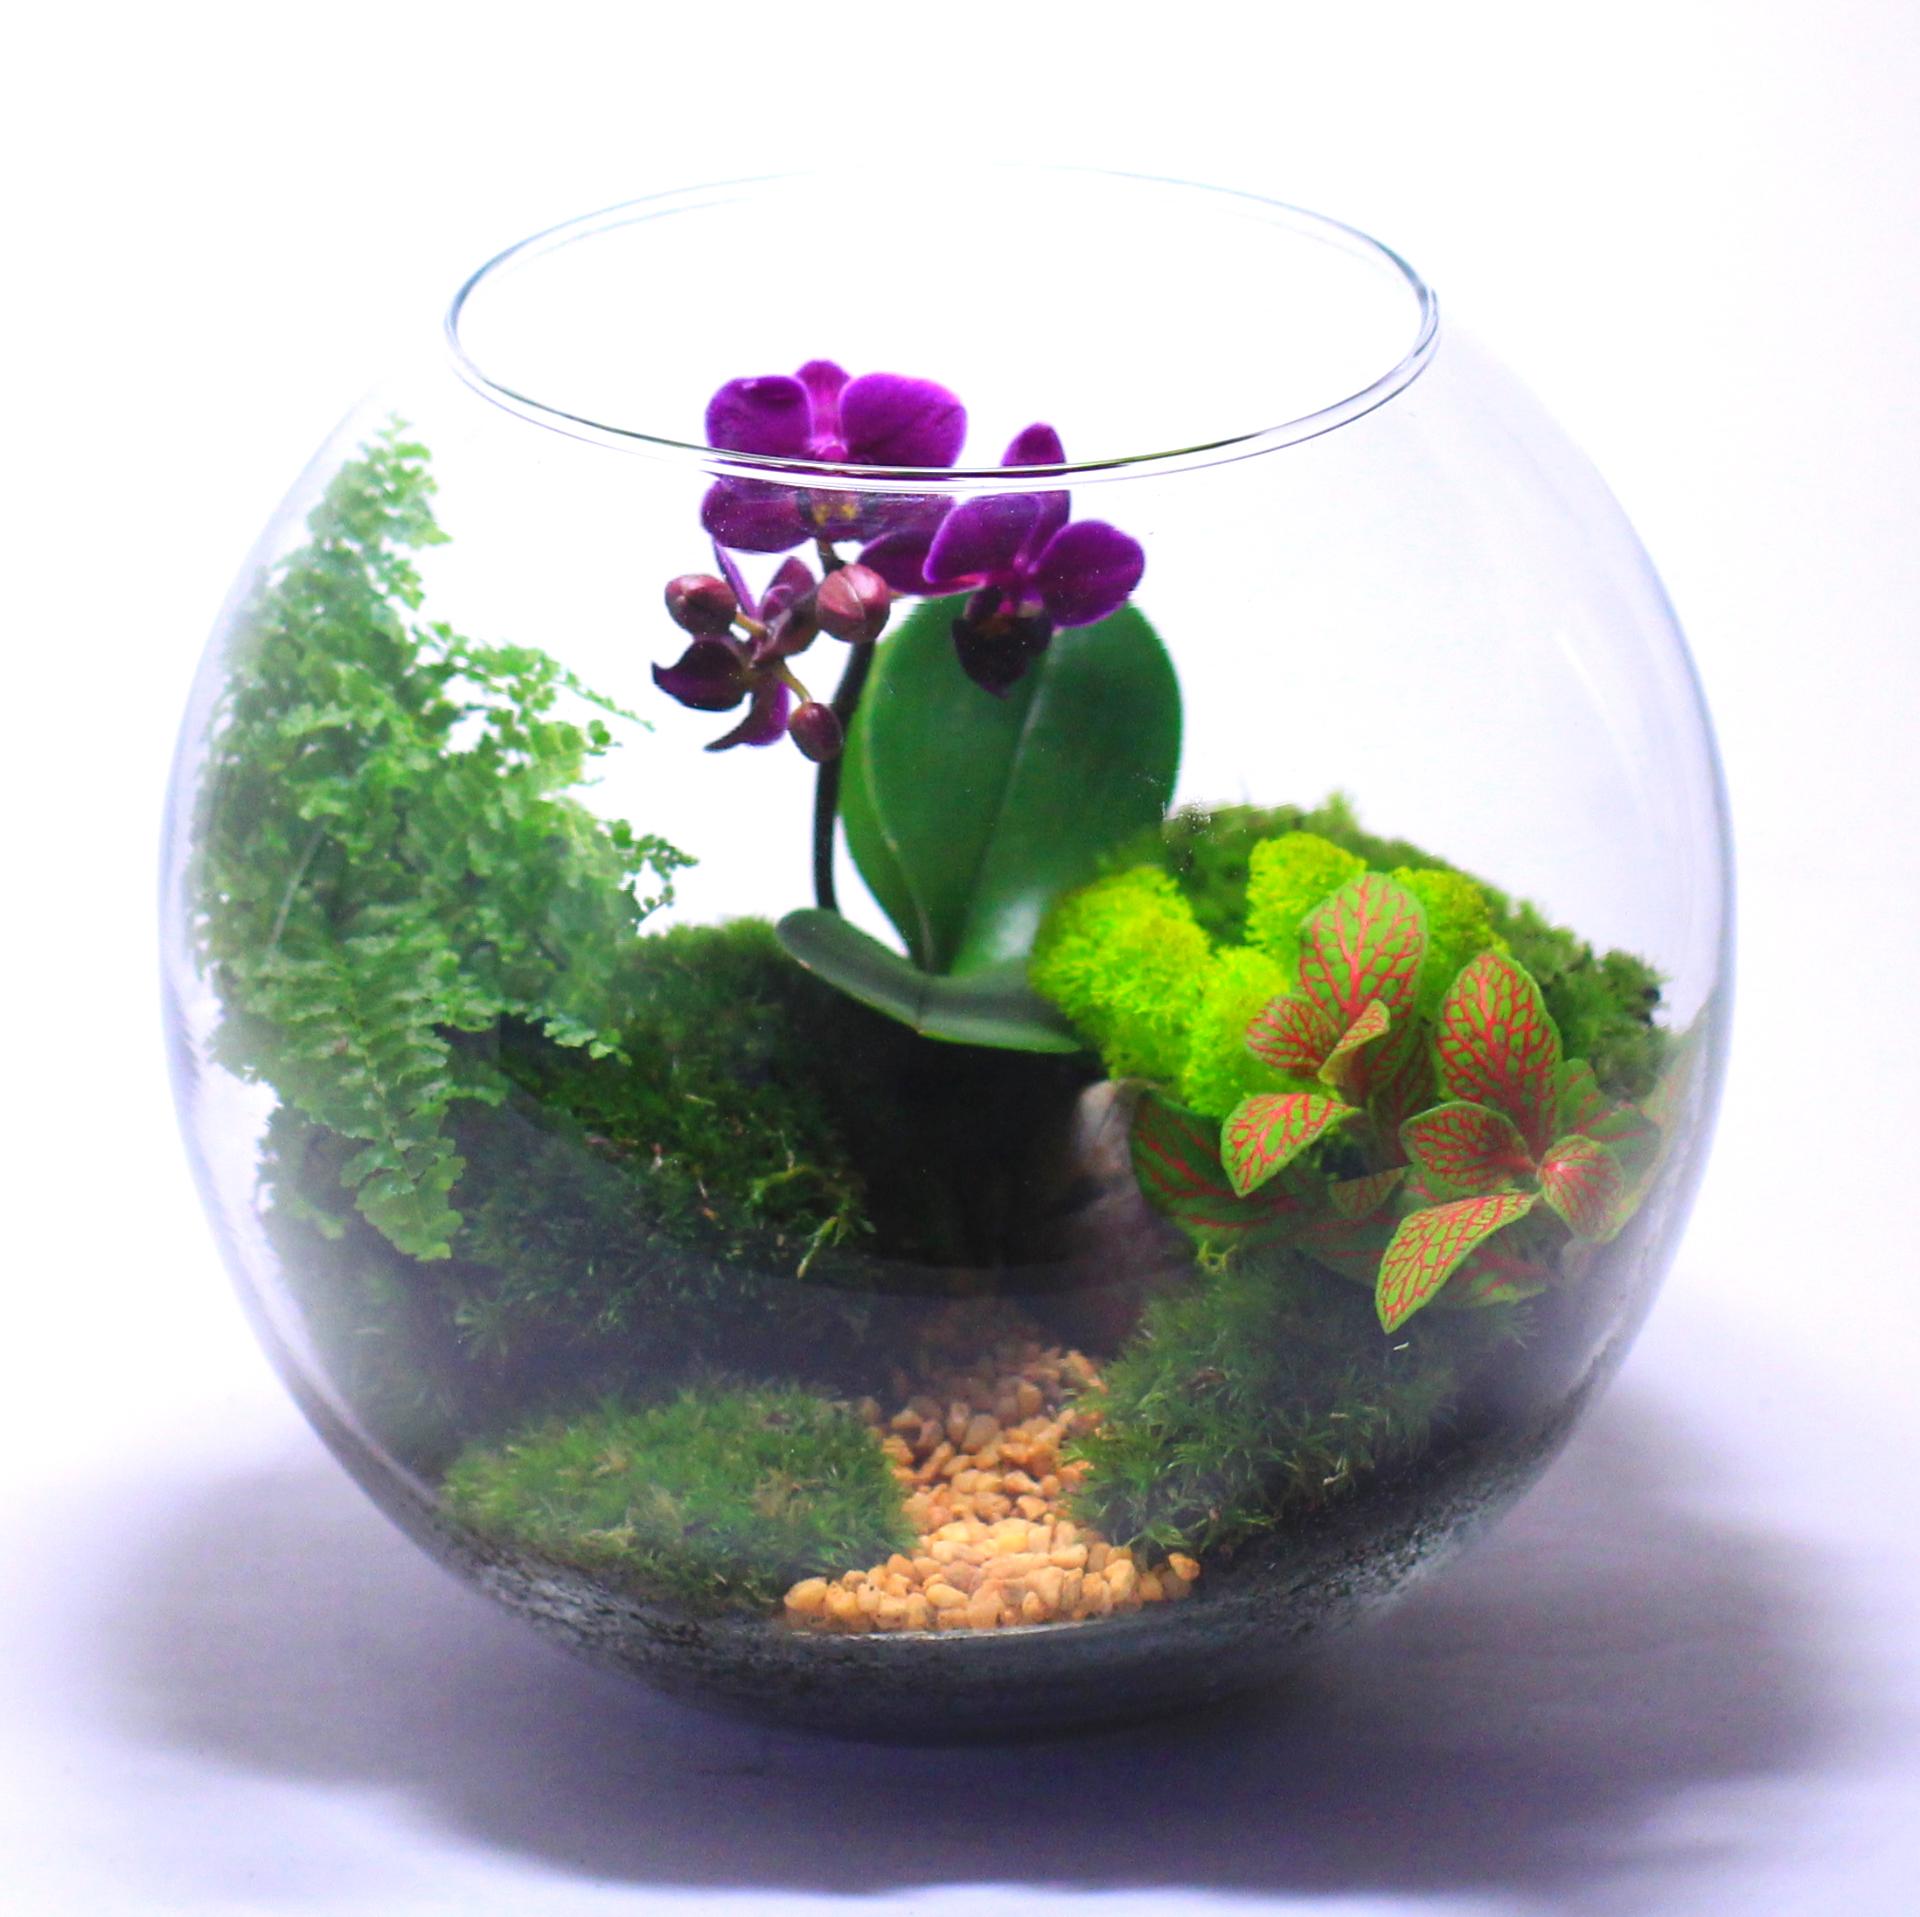 Флорариум своими руками пошаговая инструкция с фото в круглой емкости 65